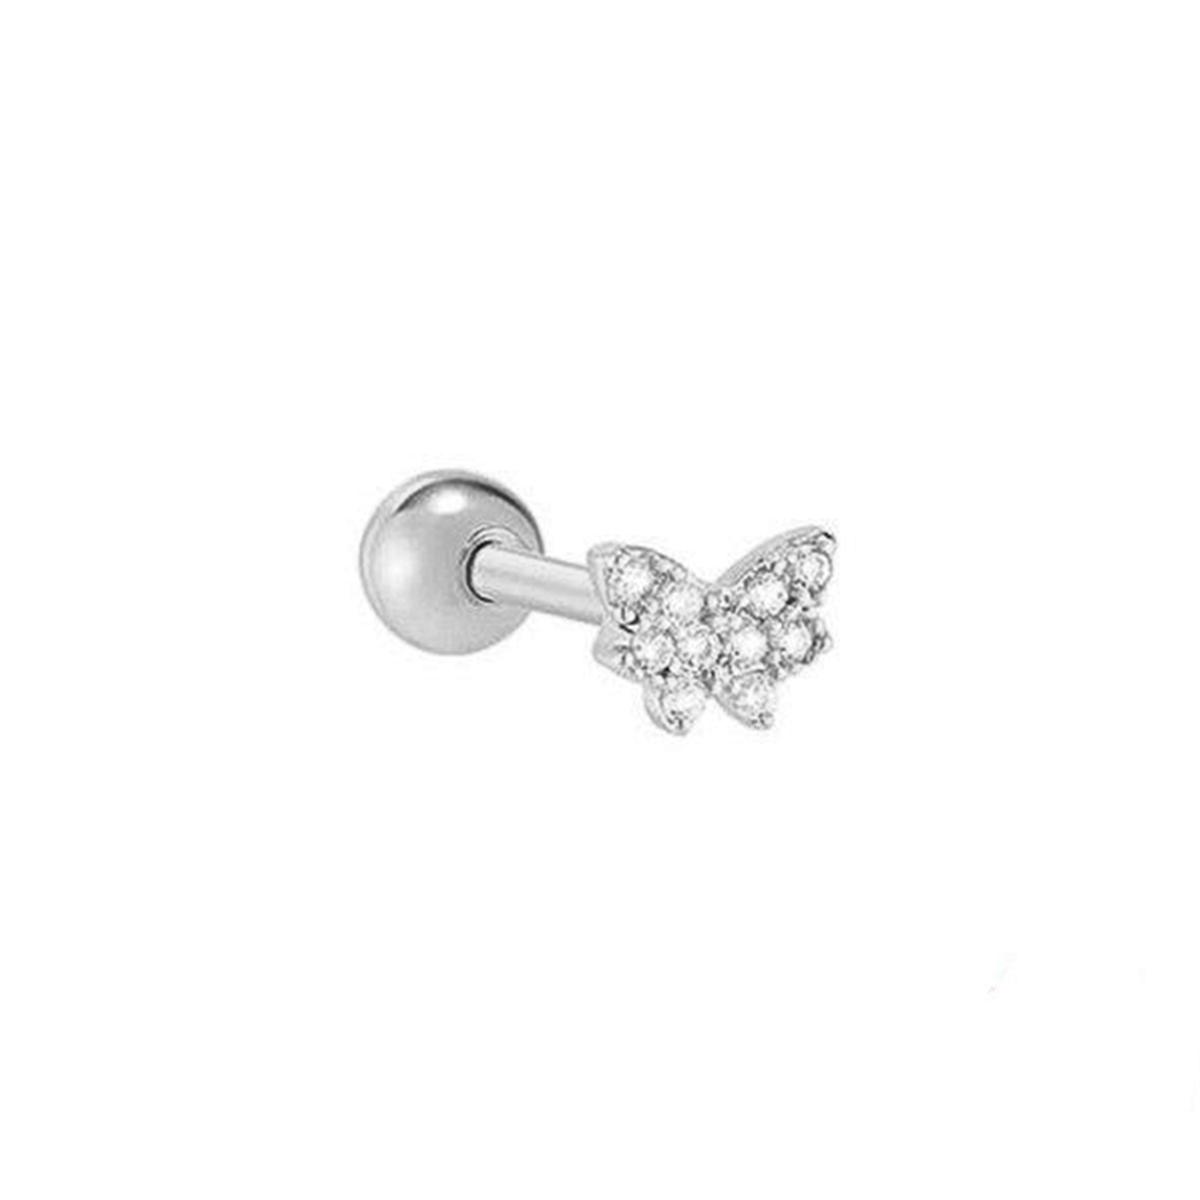 Piercing Borboleta Com Zircônias Helix e Tragus - Prata 925